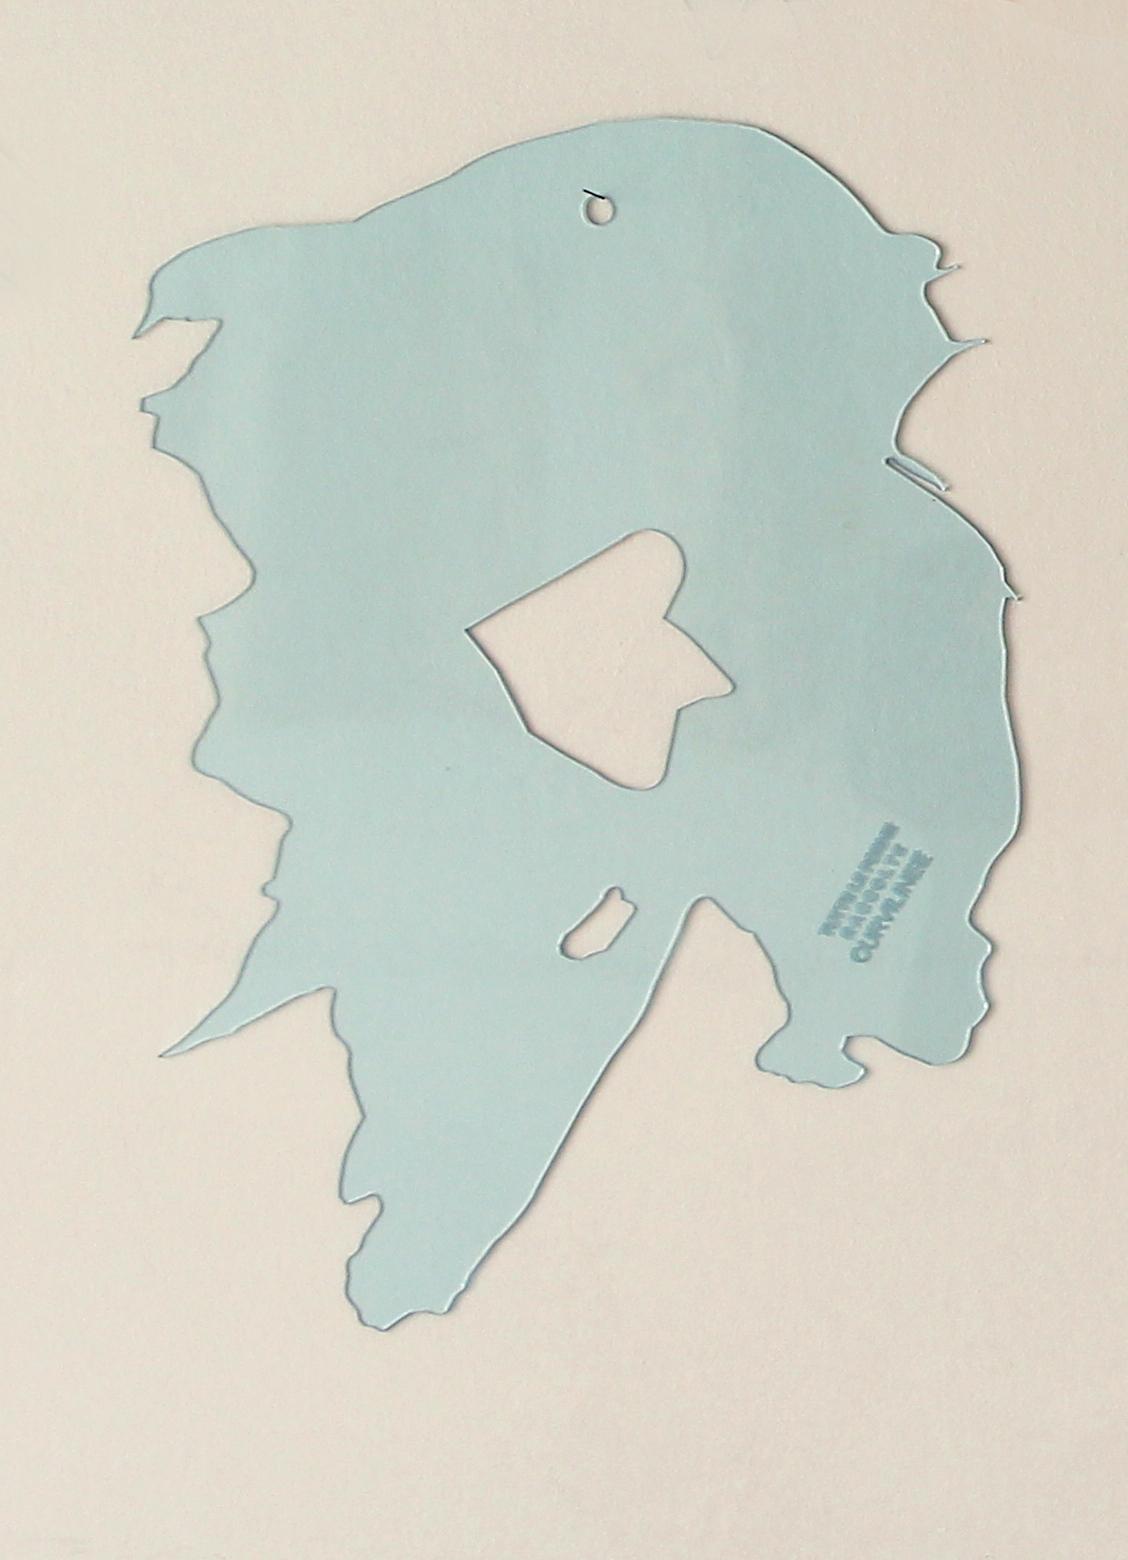 Giulia-Gallo-Tutte-le-forme-raccolte-Curvilinee-plexiglass-40x45x0,5-cm-2018